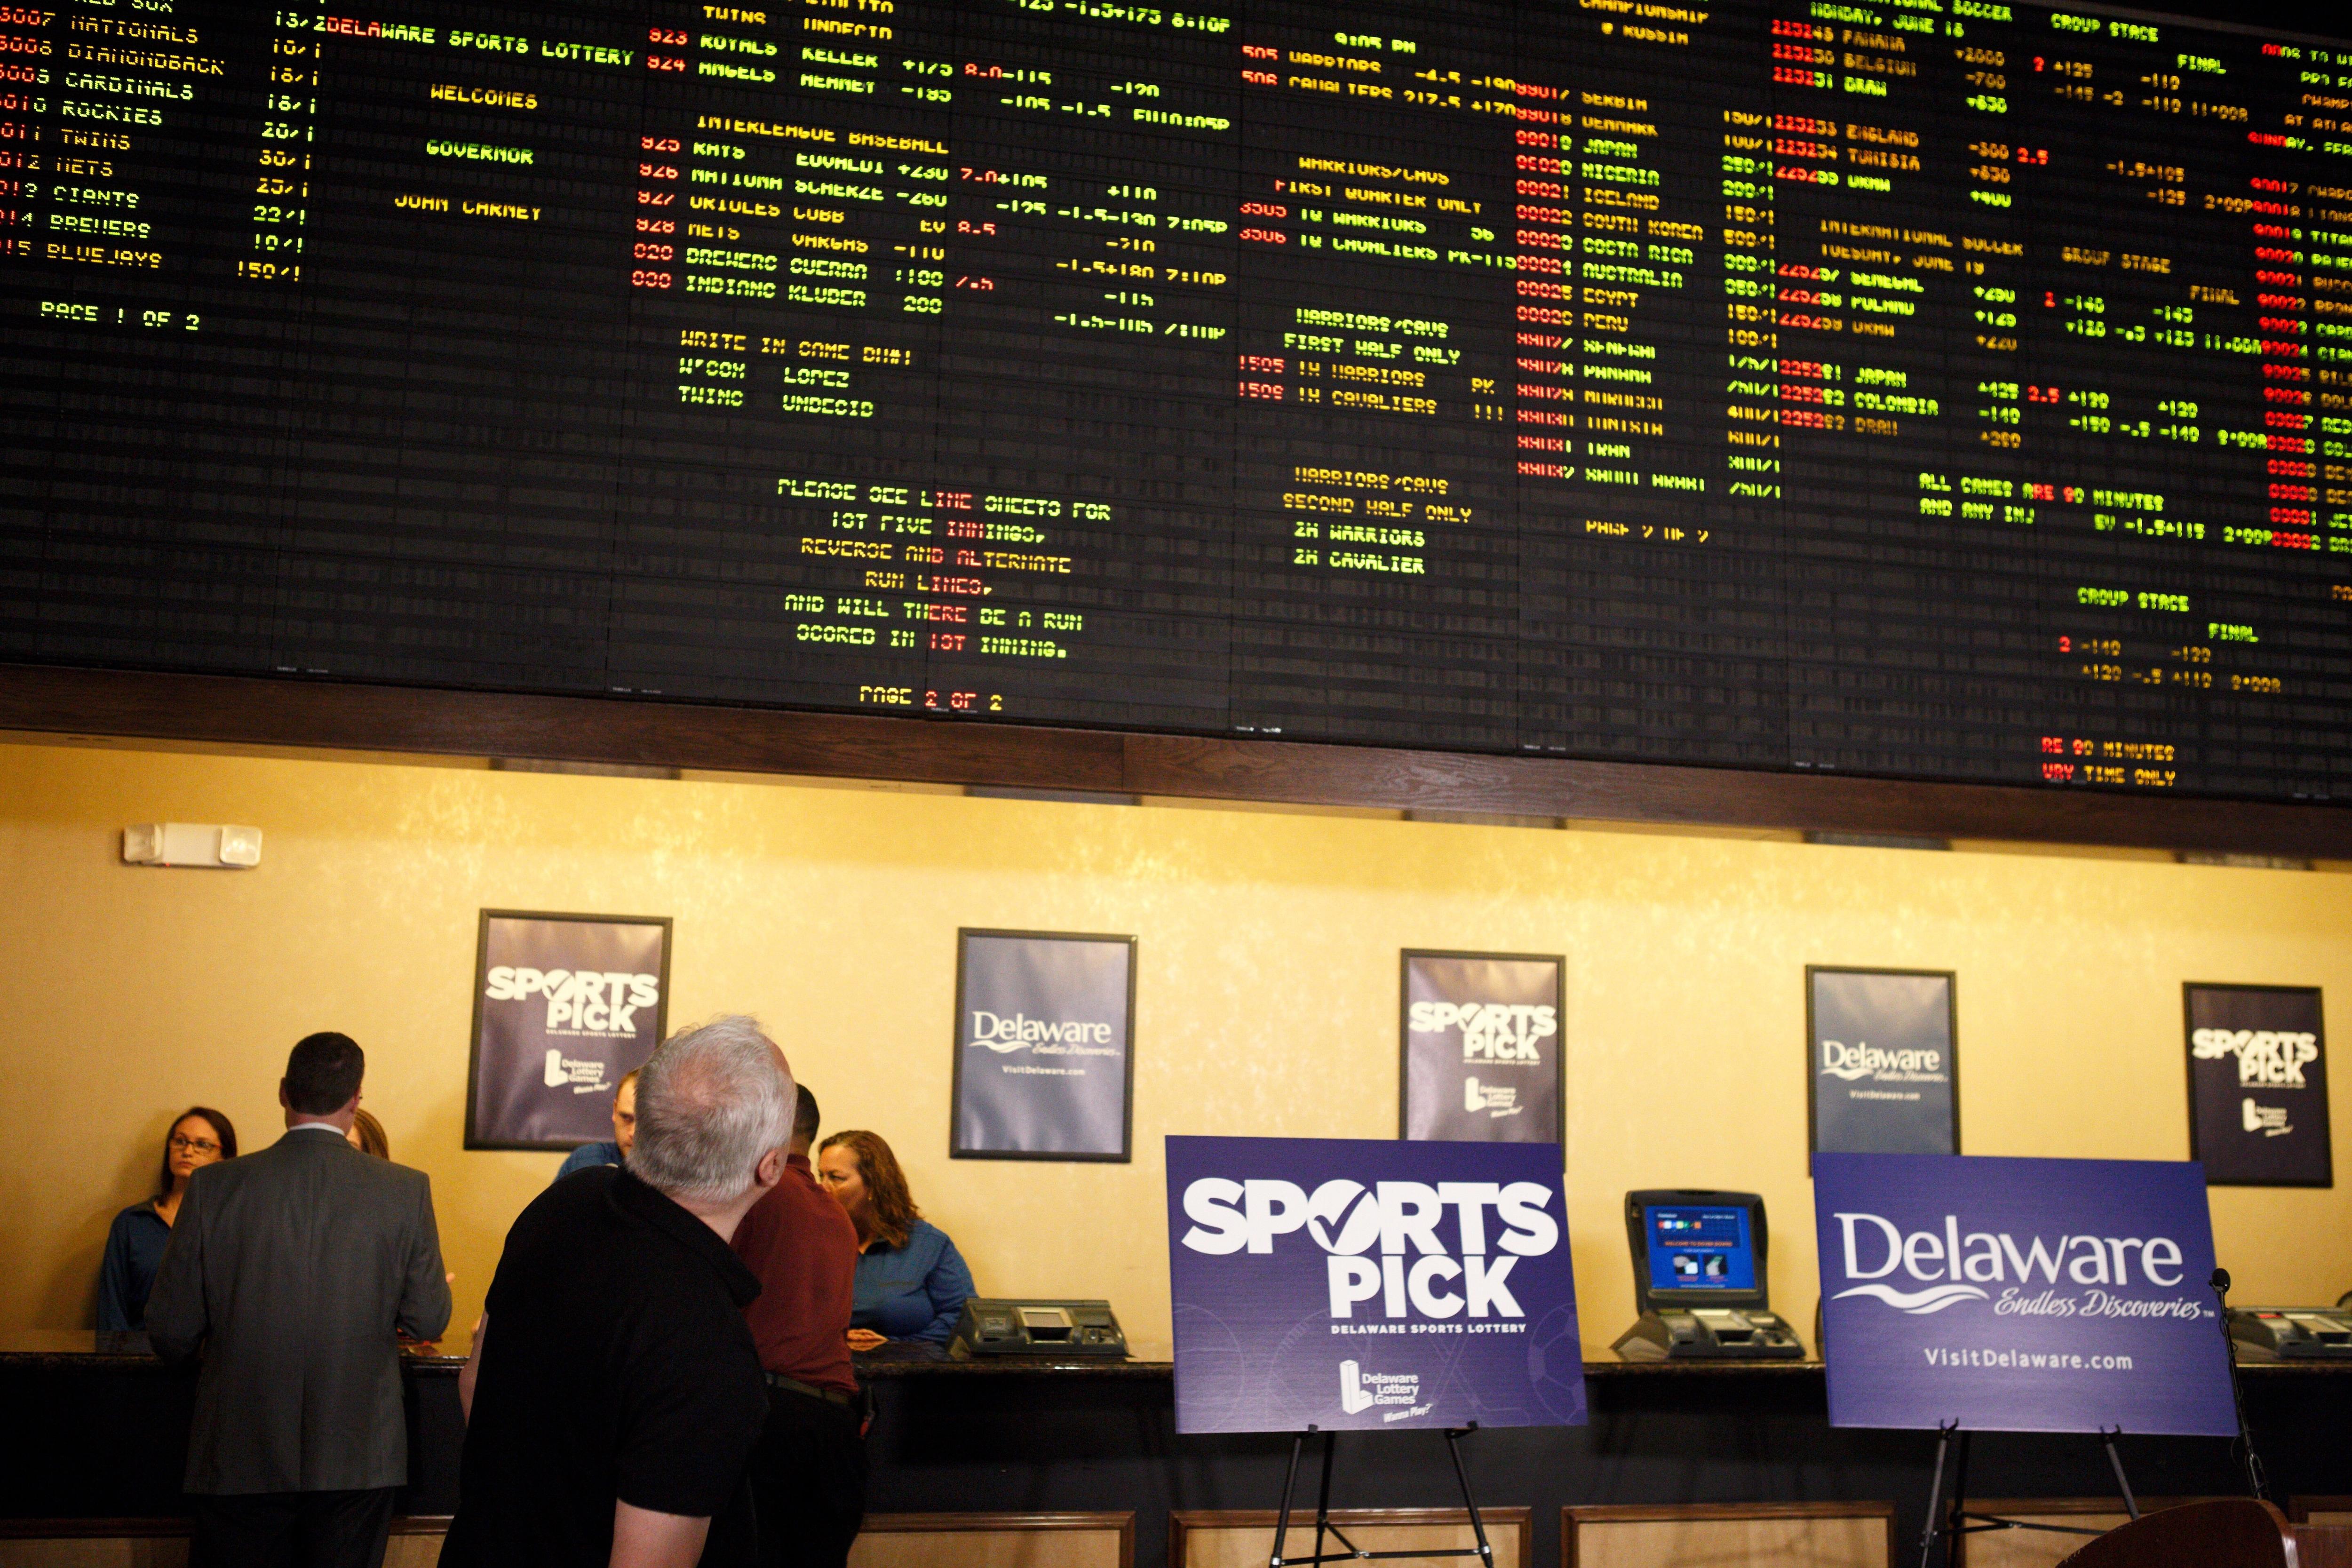 Sports gambling in Delaware